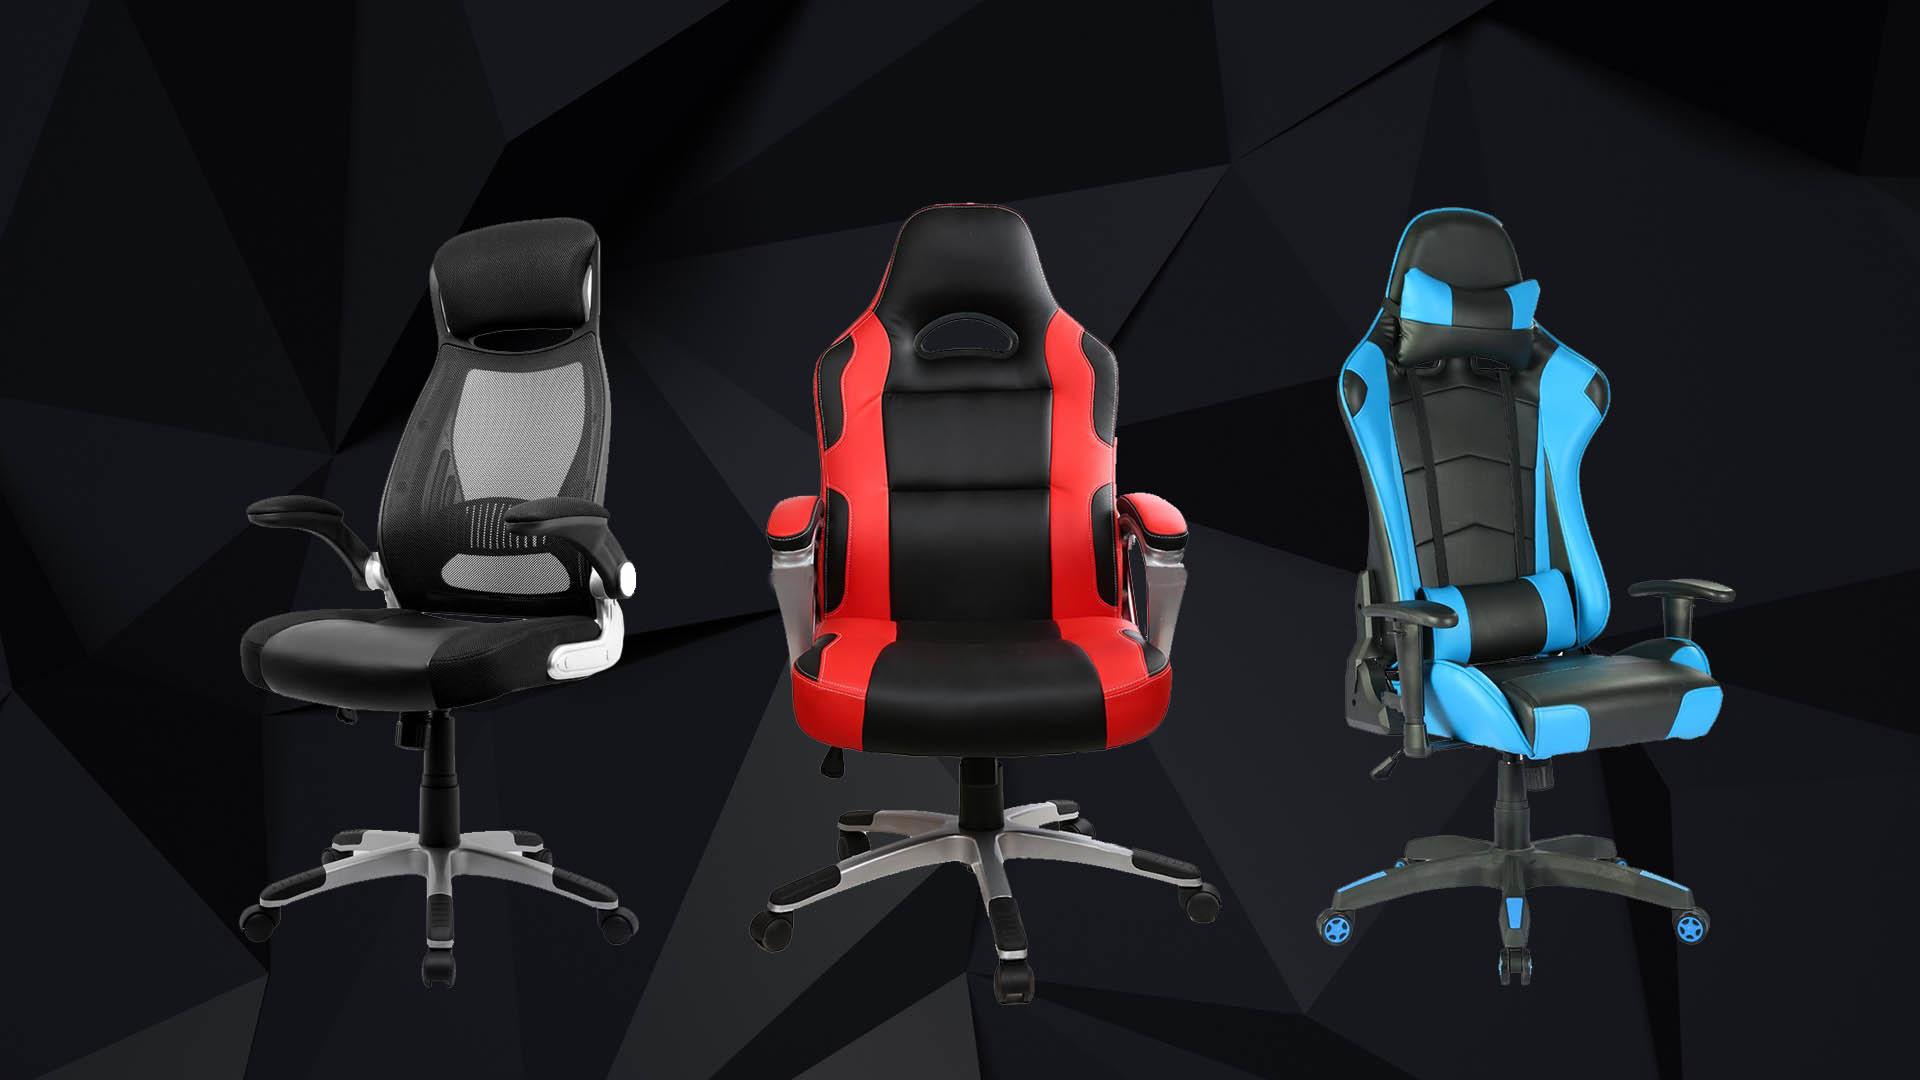 Las mejores sillas gaming imwh silla - Silla gaming diablo ...